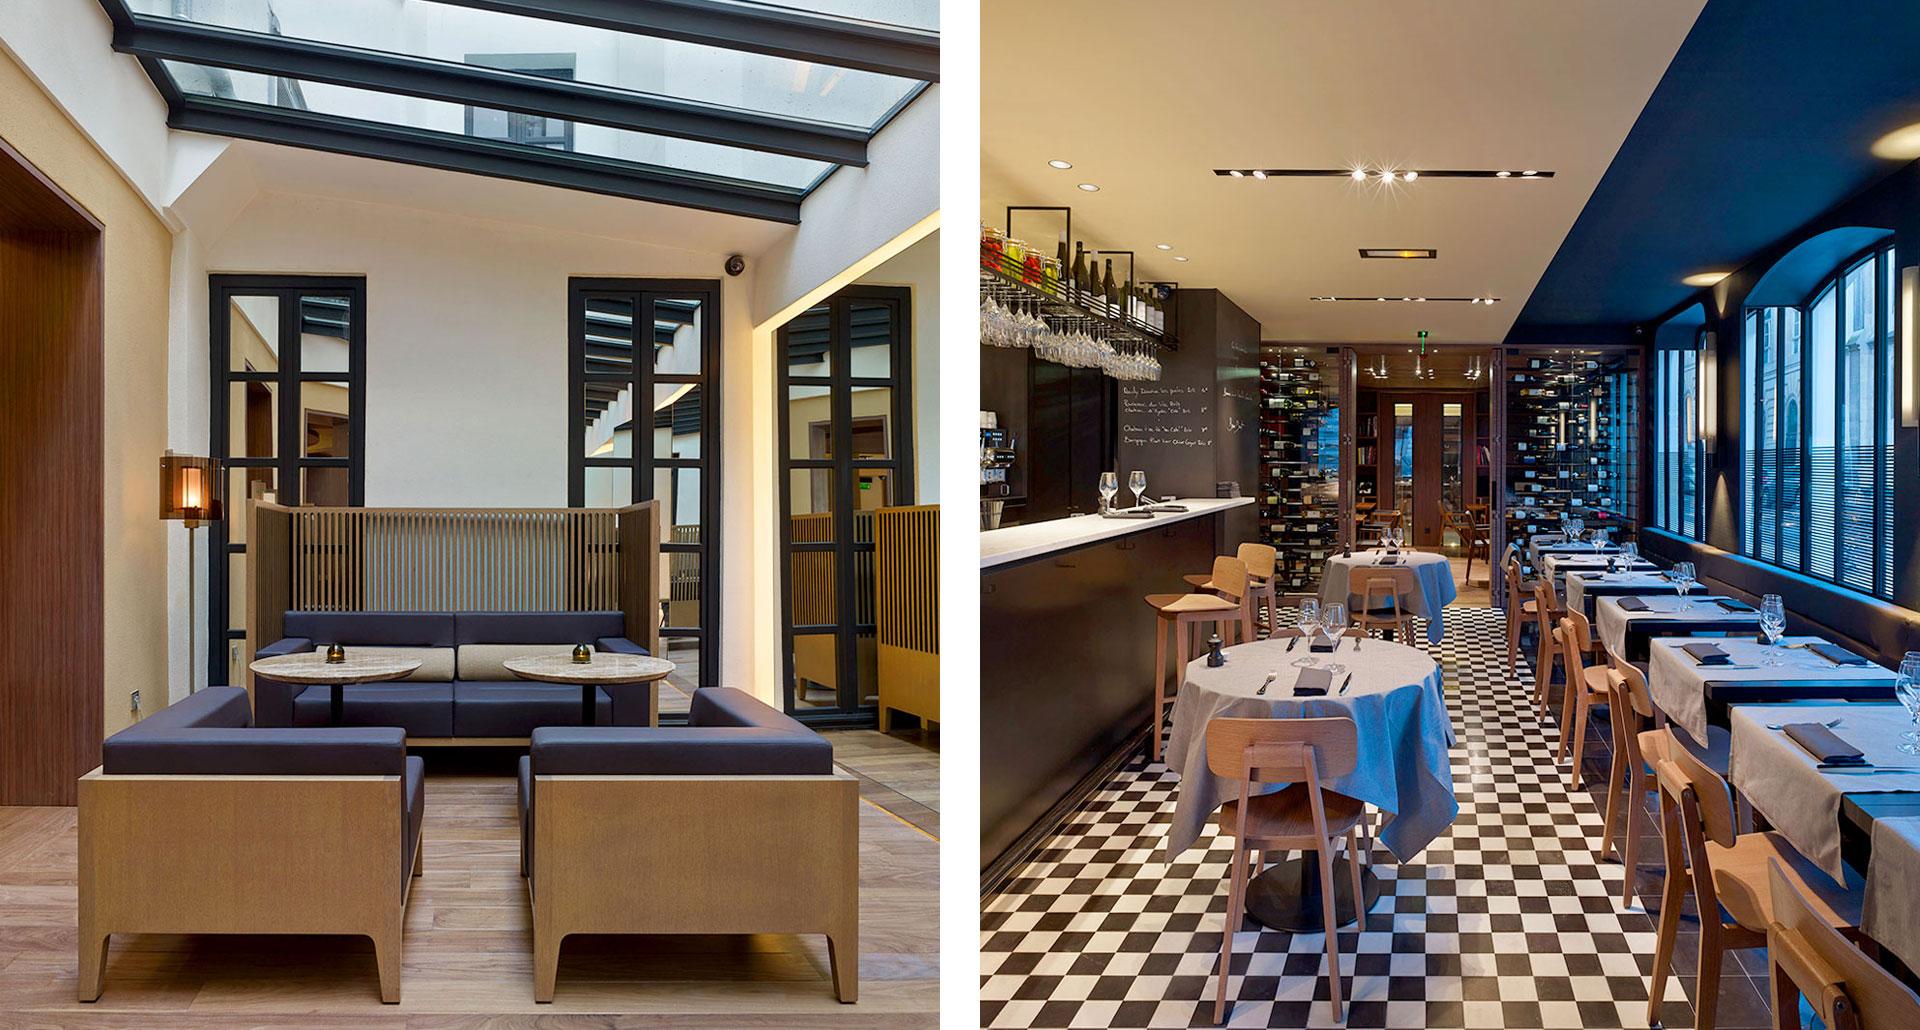 Hôtel de Nell - boutique hotel in Paris